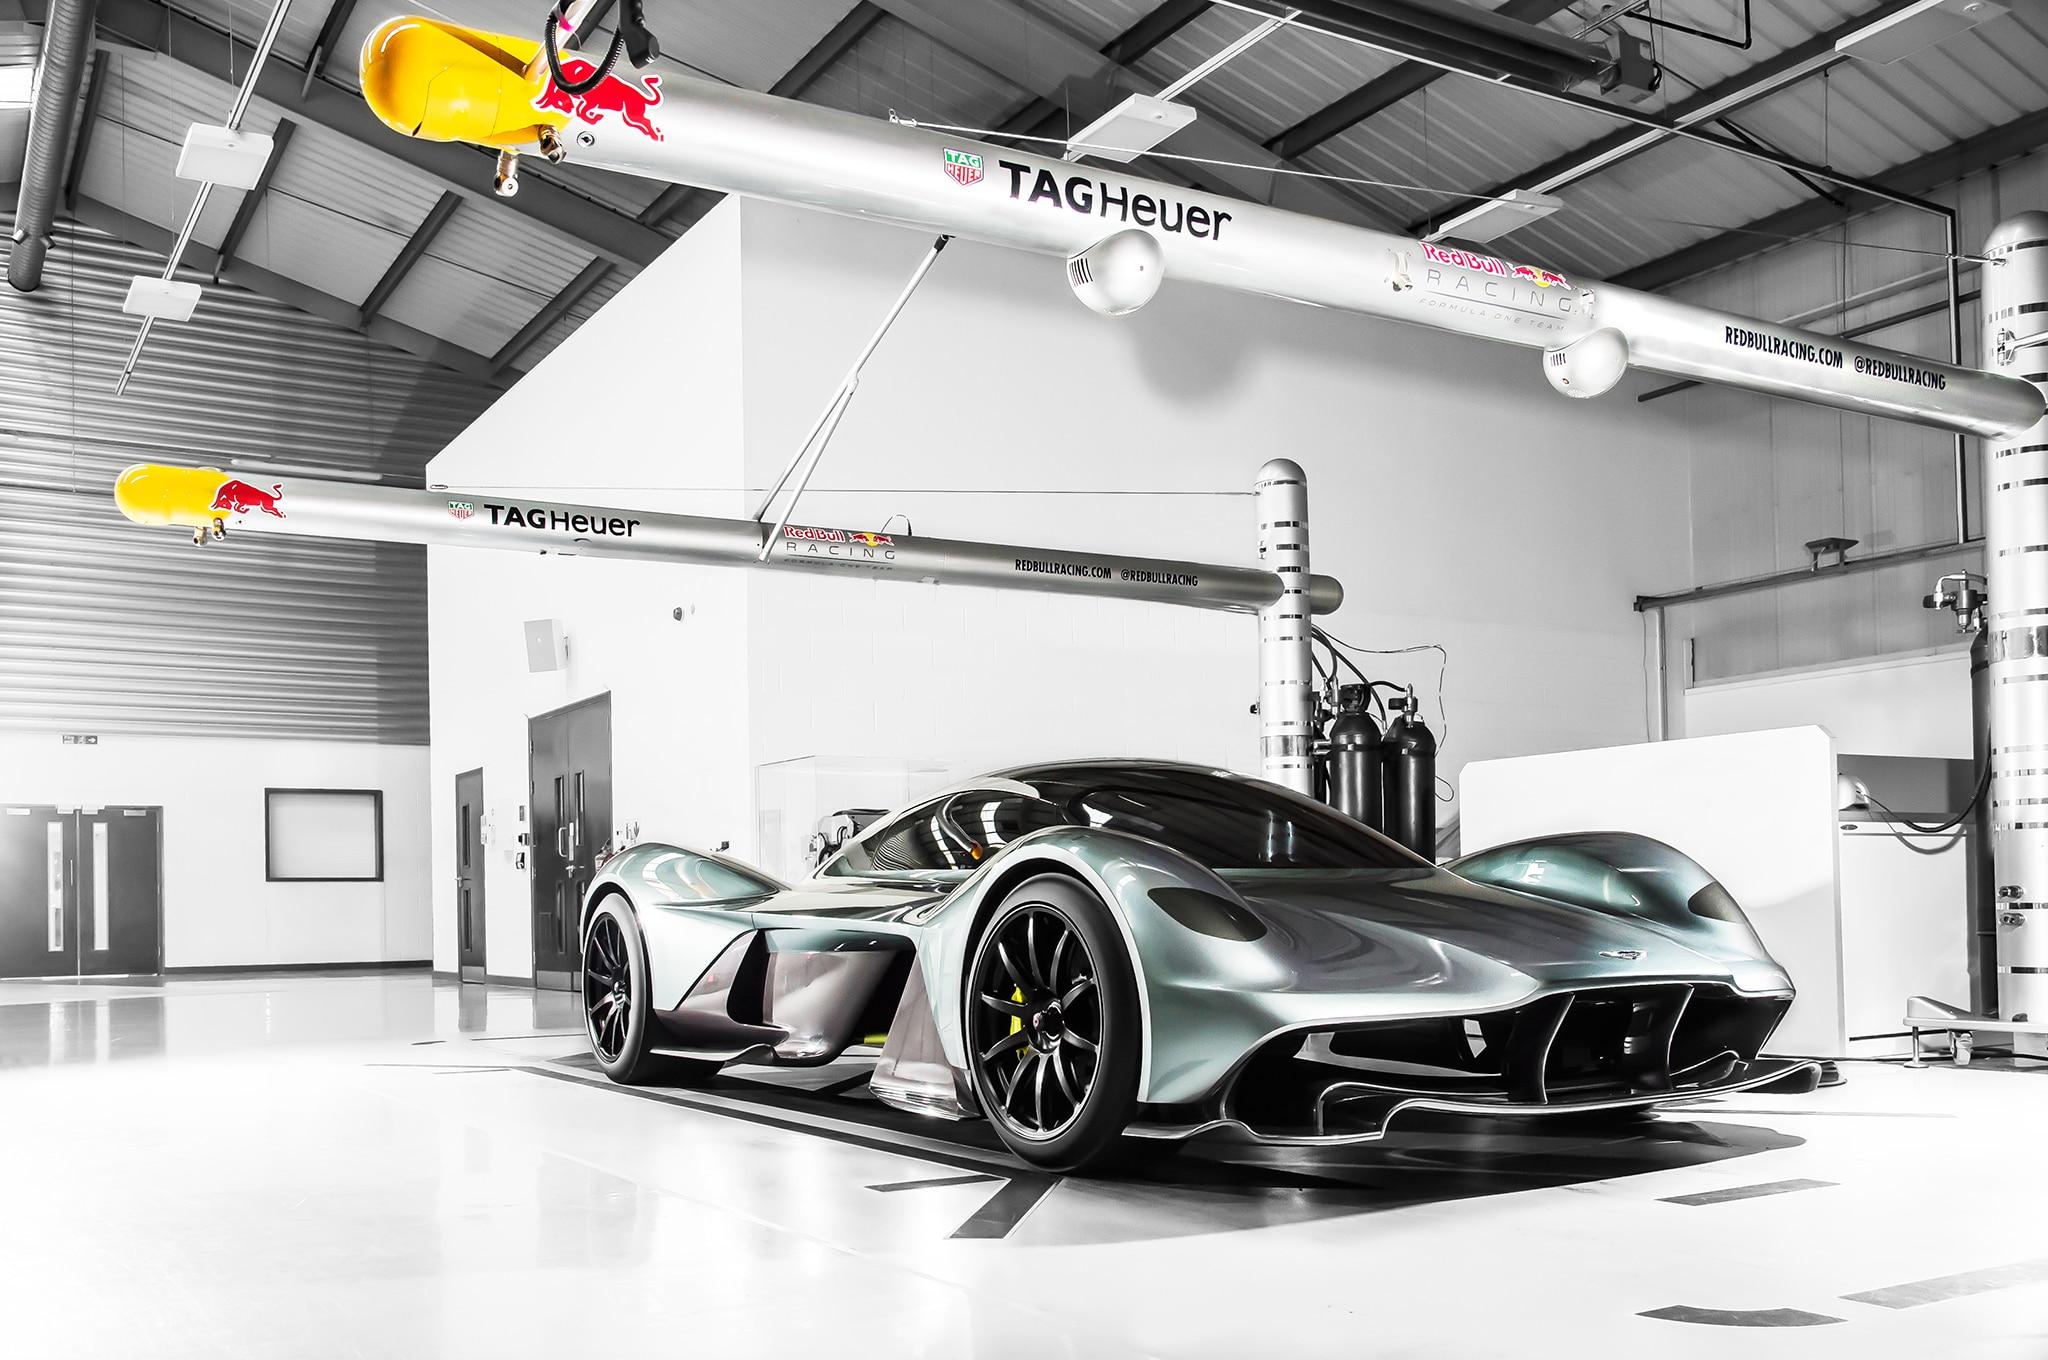 Aston Martin Am Rb 001 Hybrid Hypercar Will Use 6 5l V 12